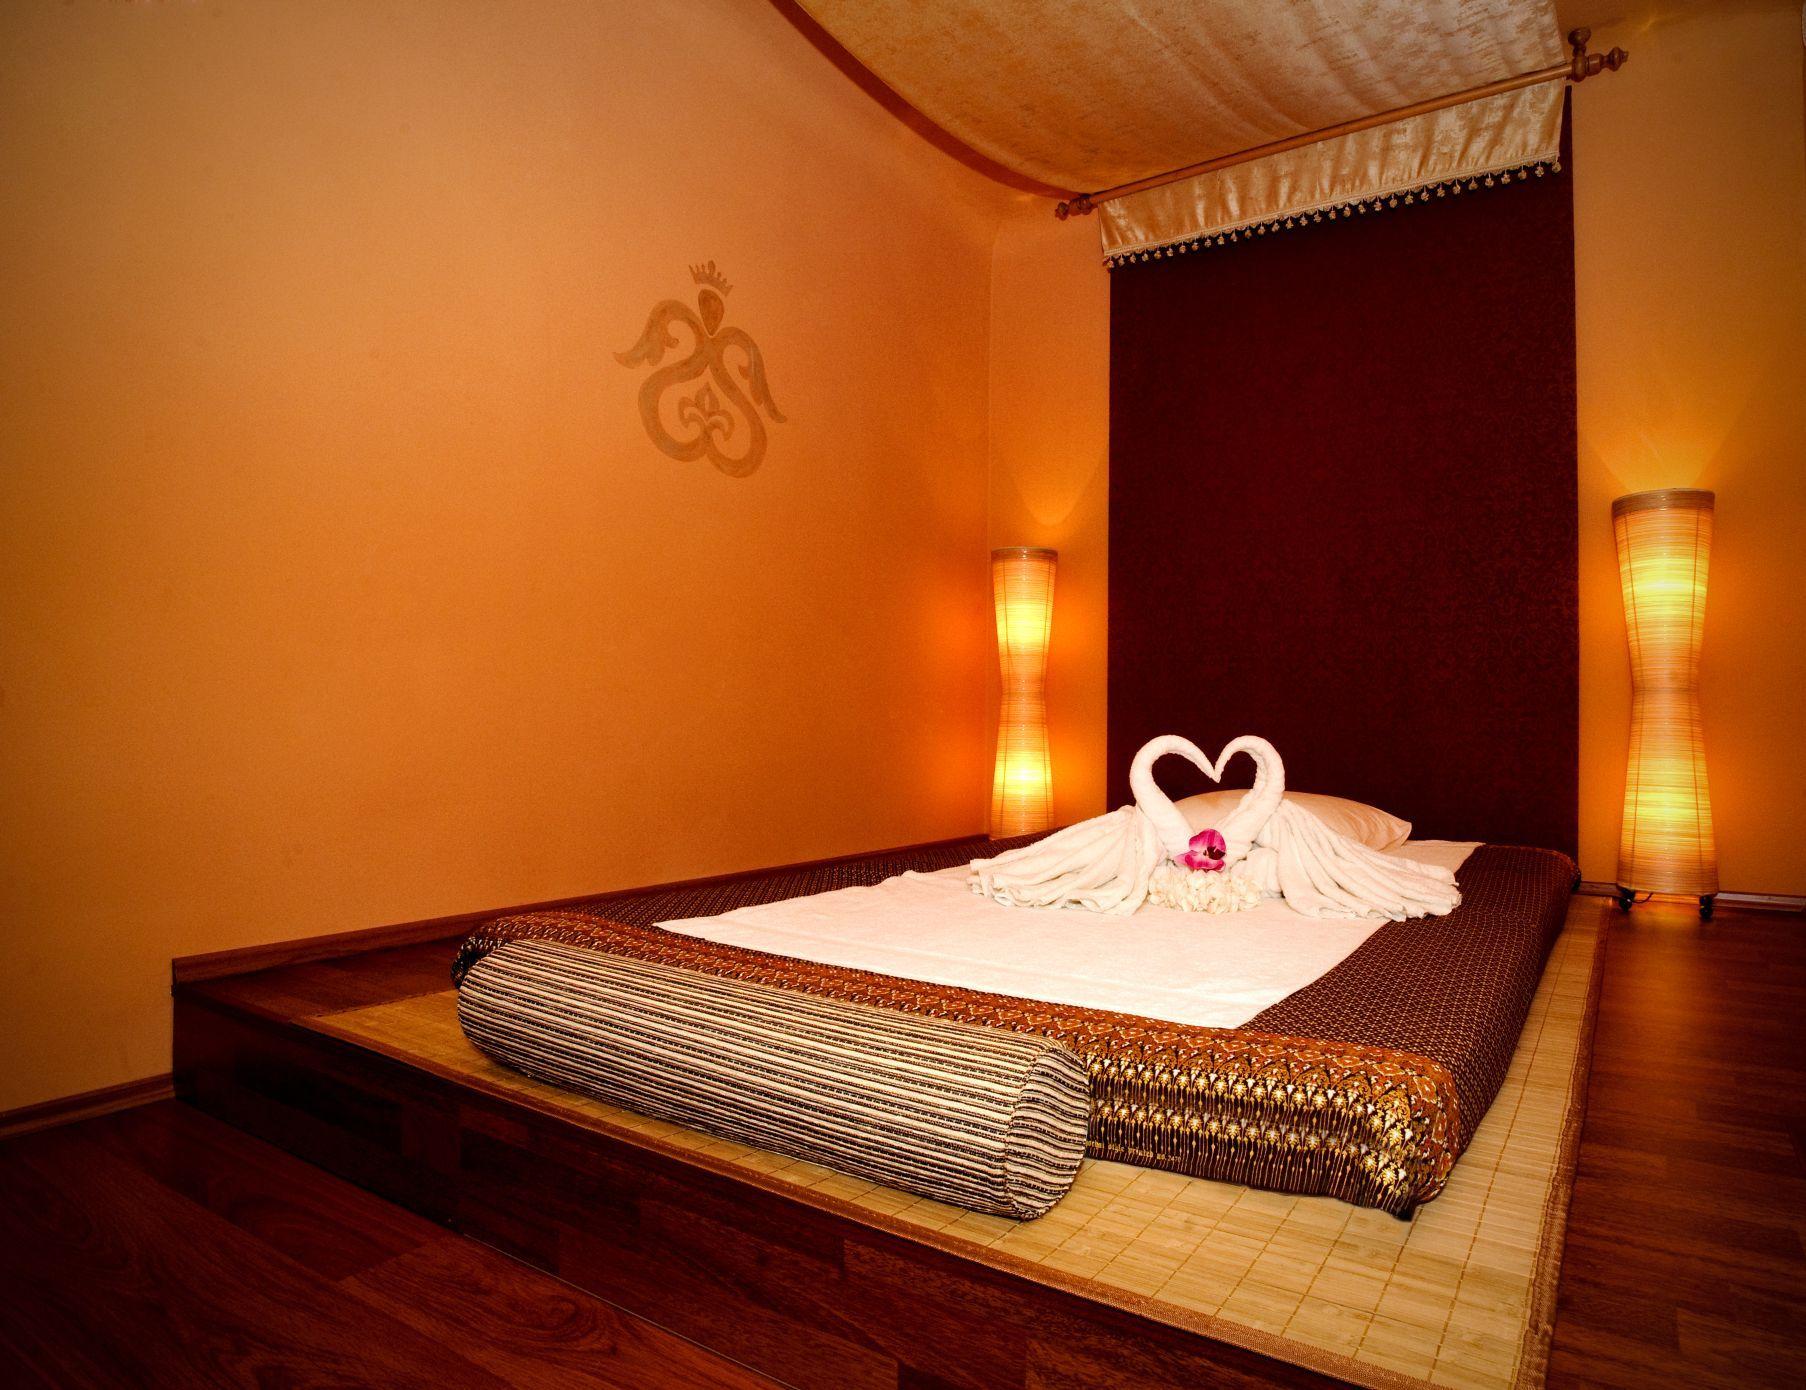 bali spa interior treatment rooms  Google Search